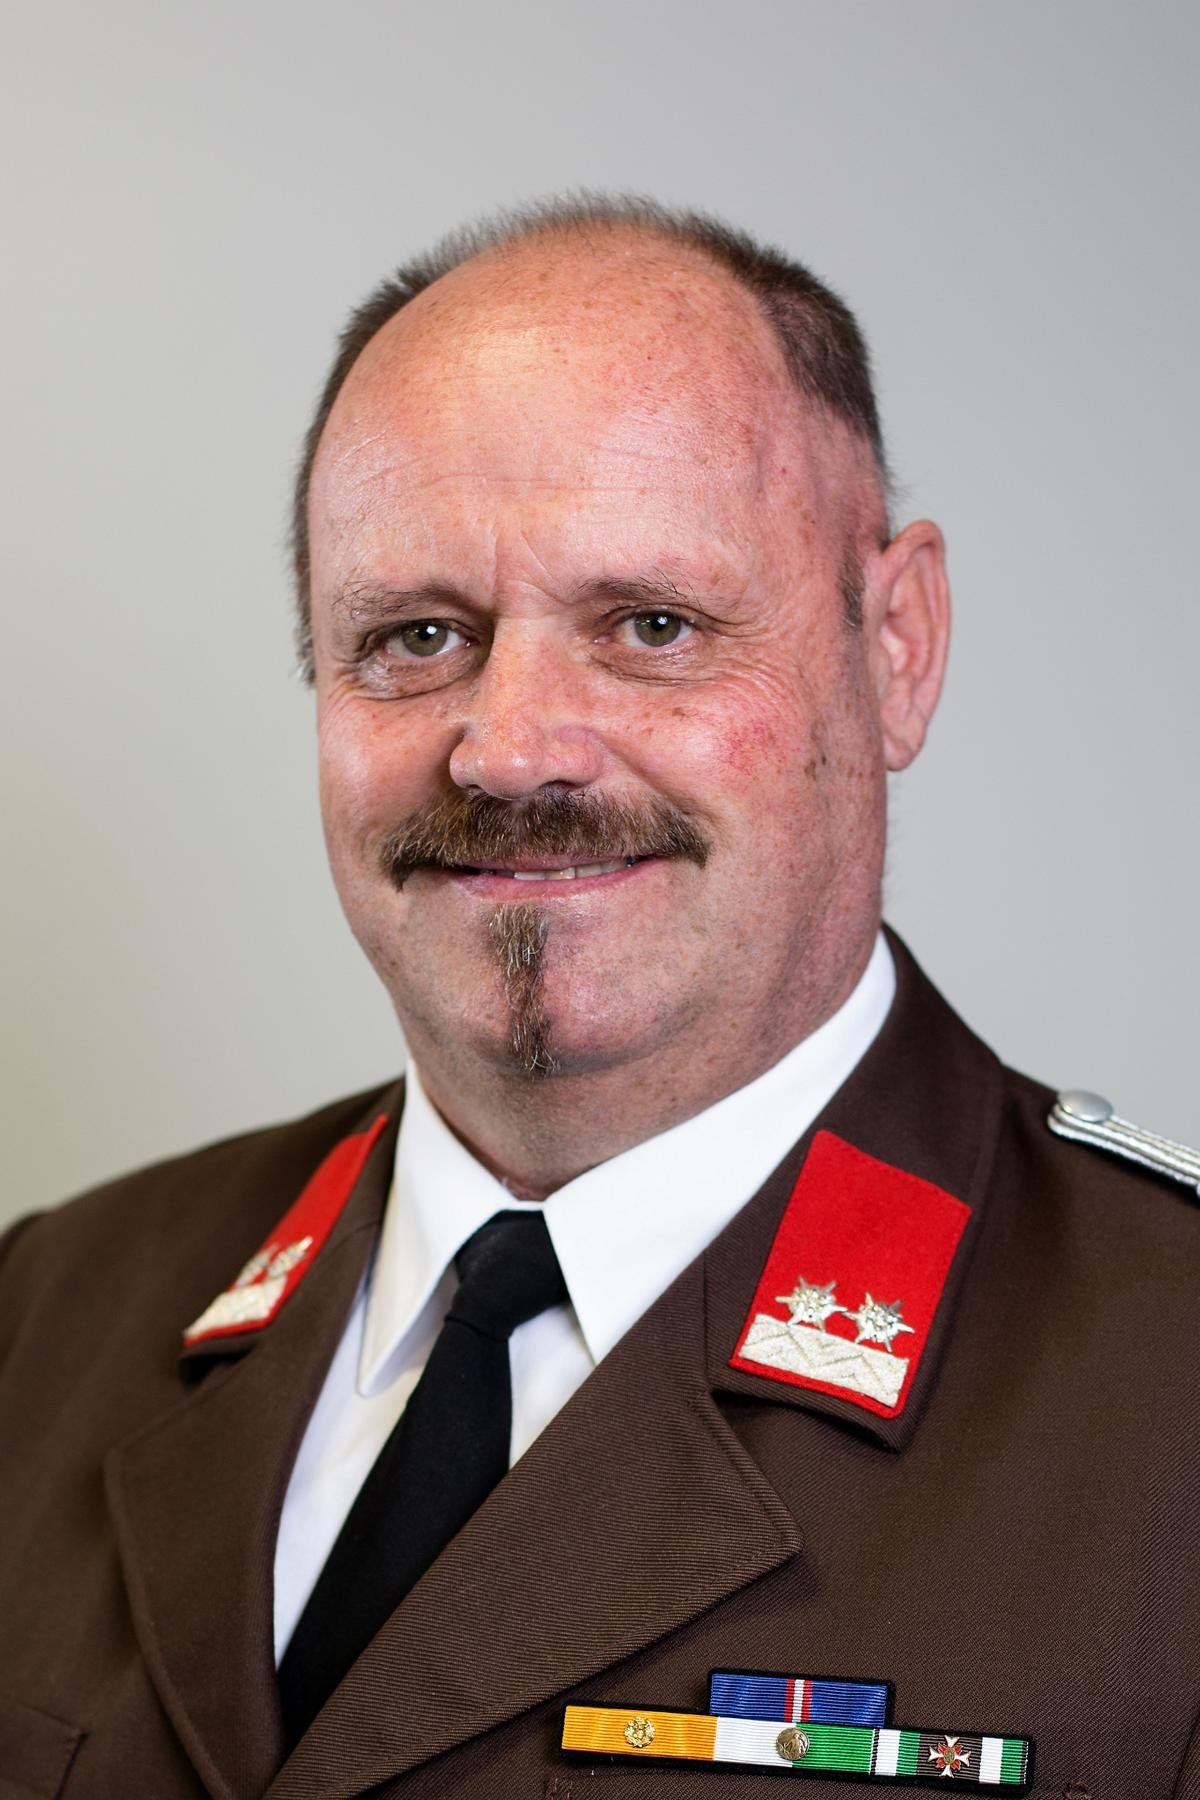 OLM Karl Lechner